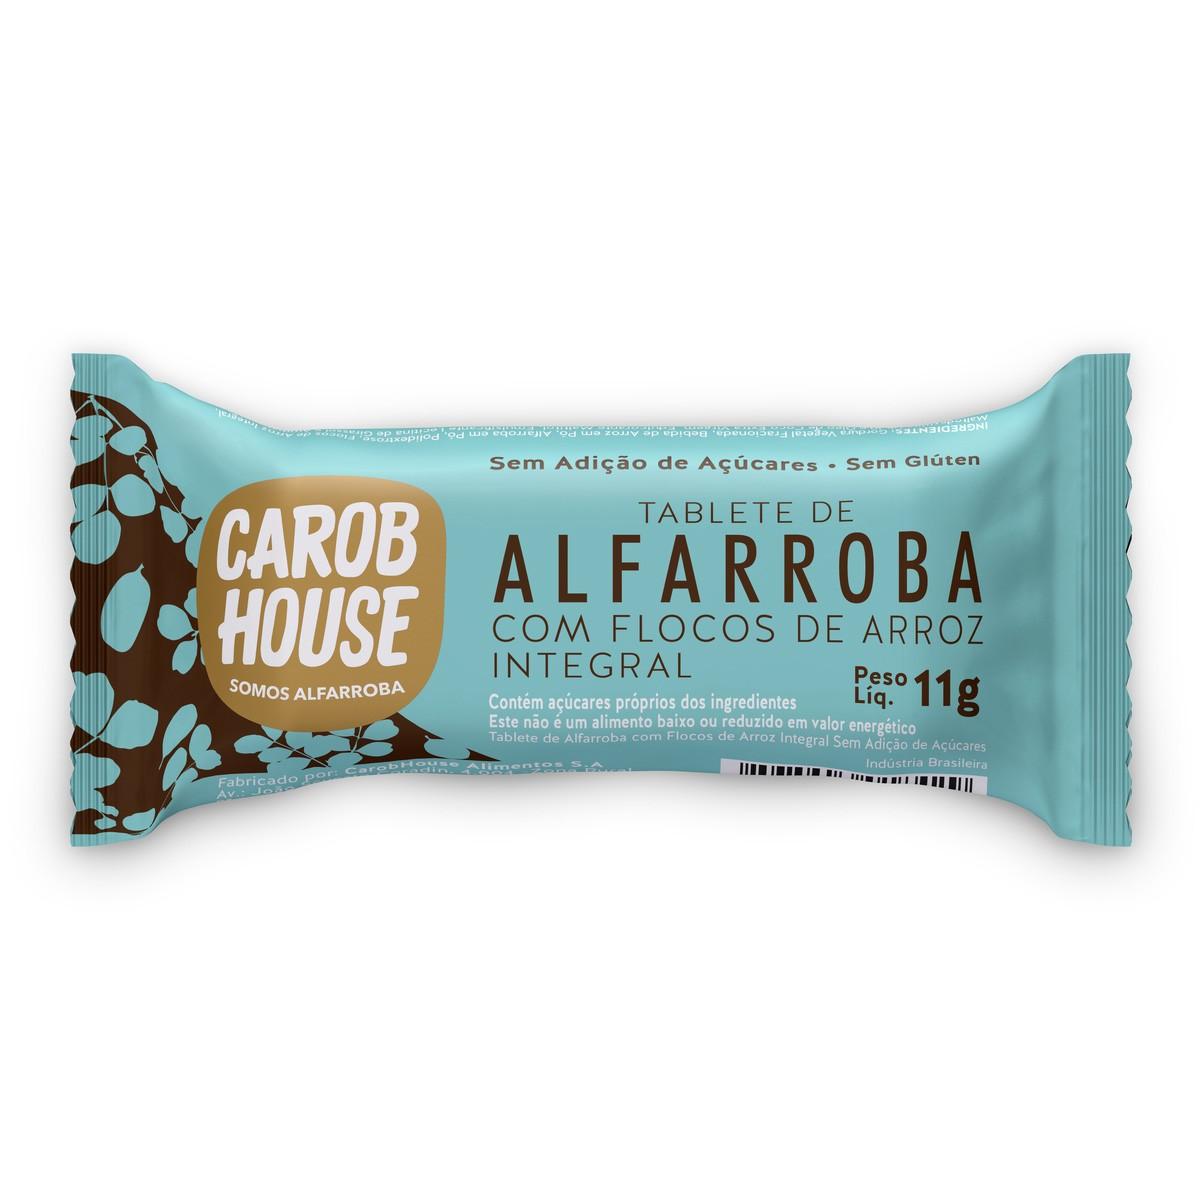 Tablete de Alfarroba com Flocos de Arroz 11g - Carob House